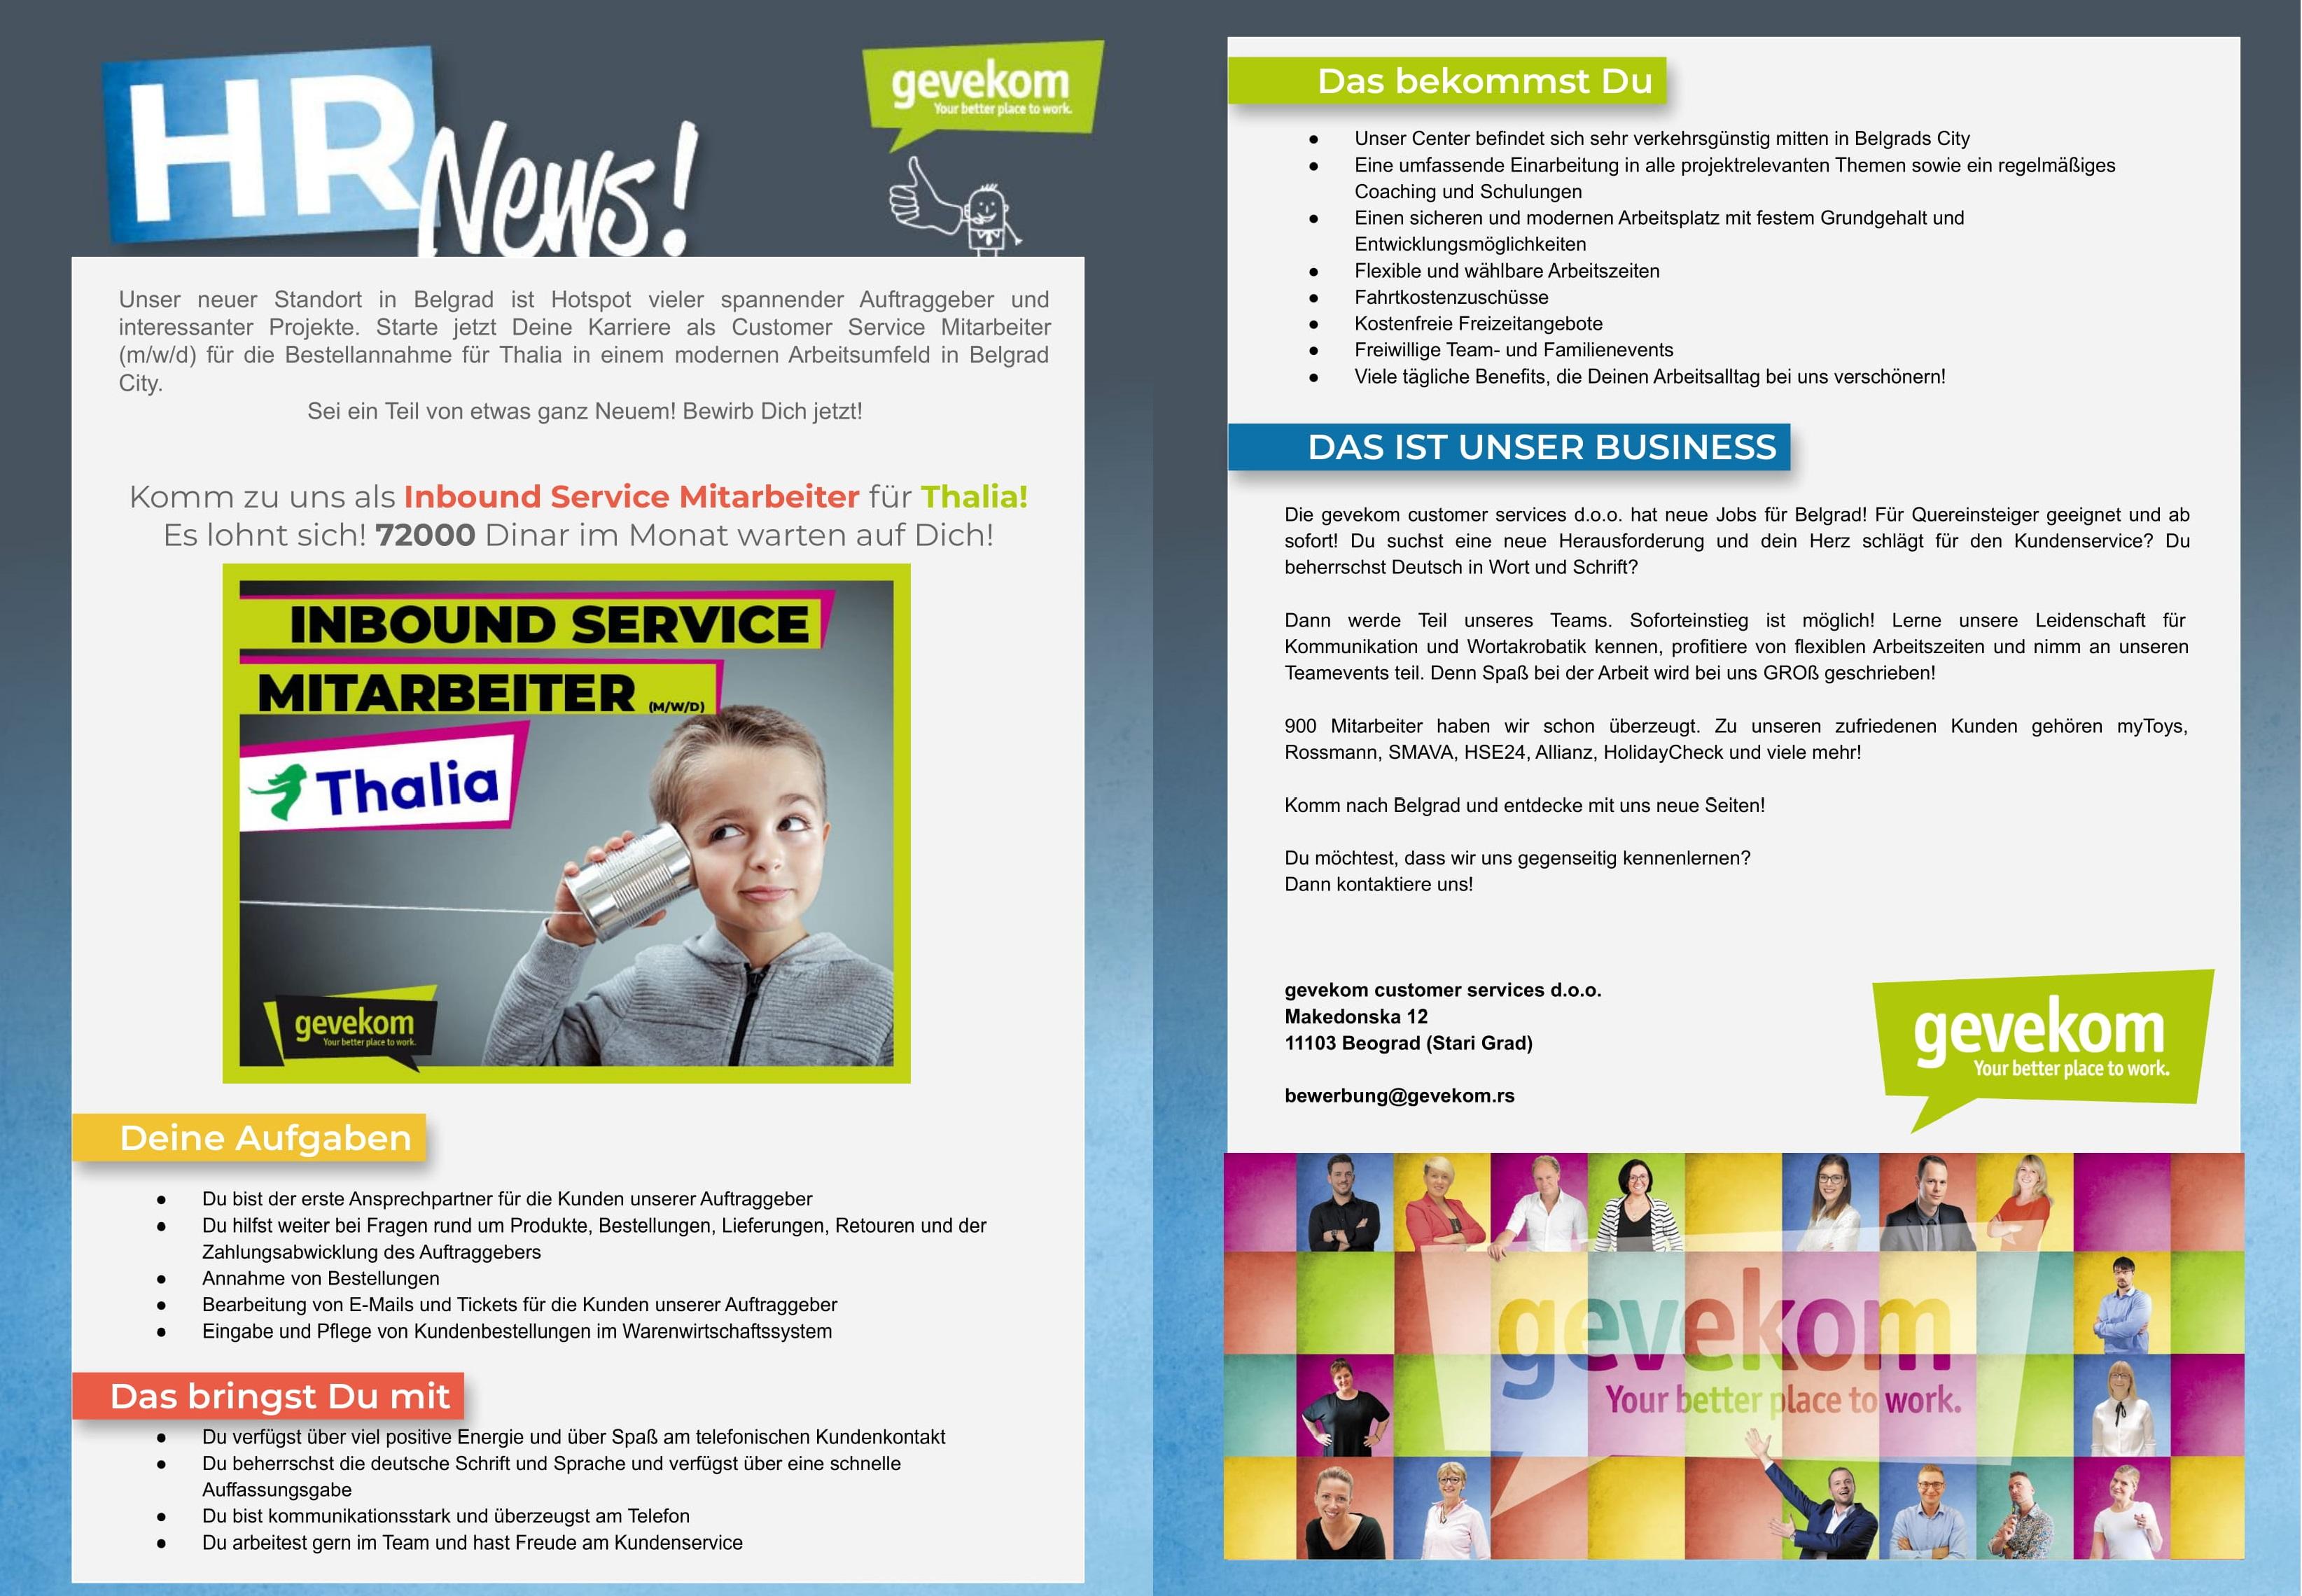 Inbound Service Mitarbeiter (m/w/d)